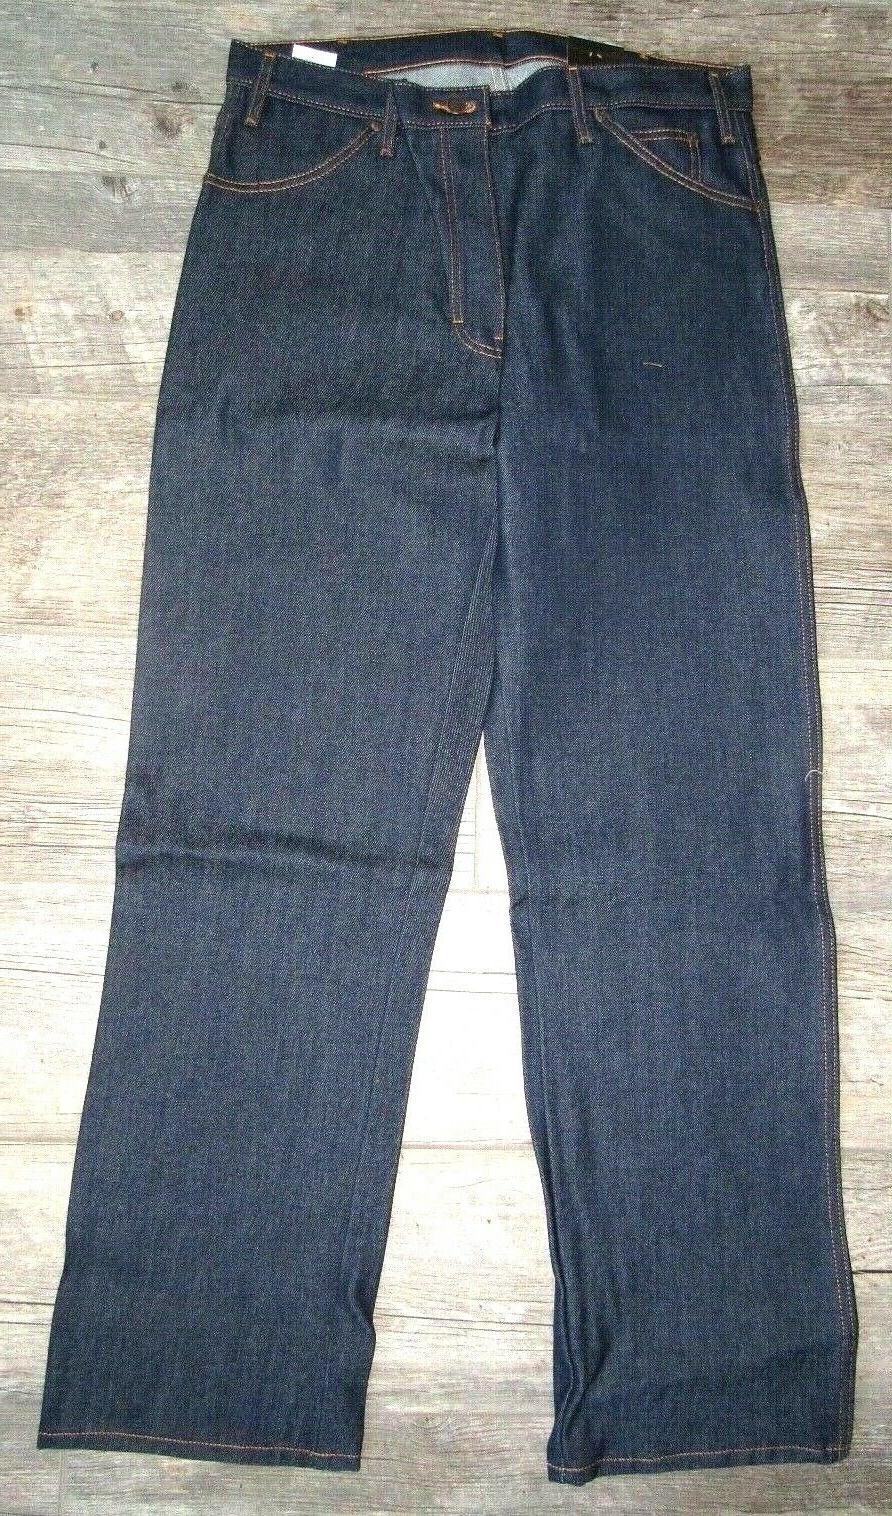 NEW Dickies Jean Regular Fit Leg